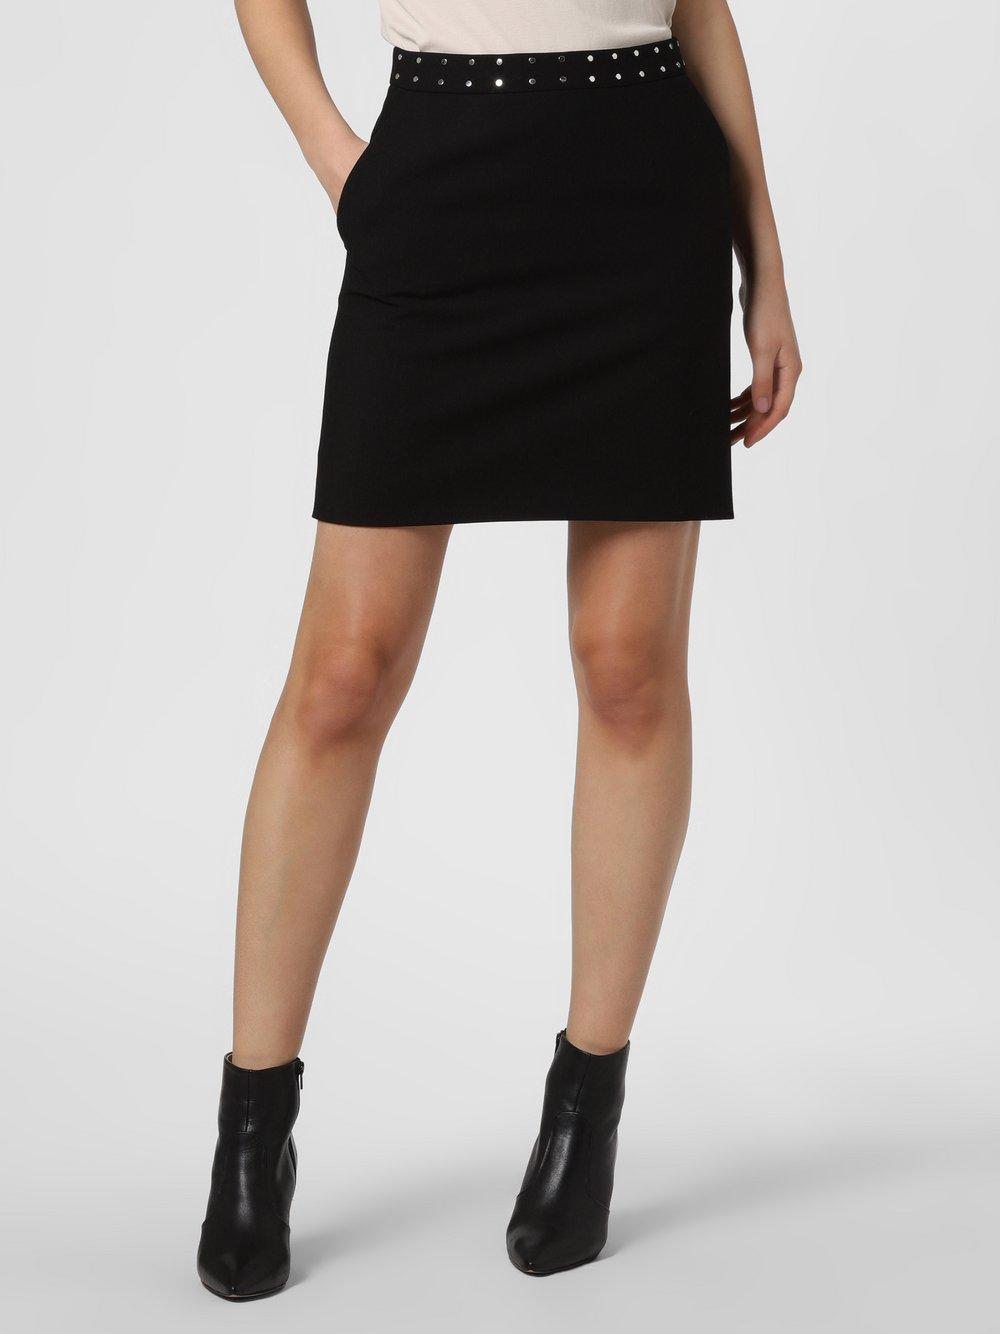 HUGO - Spódnica damska – Riata, czarny